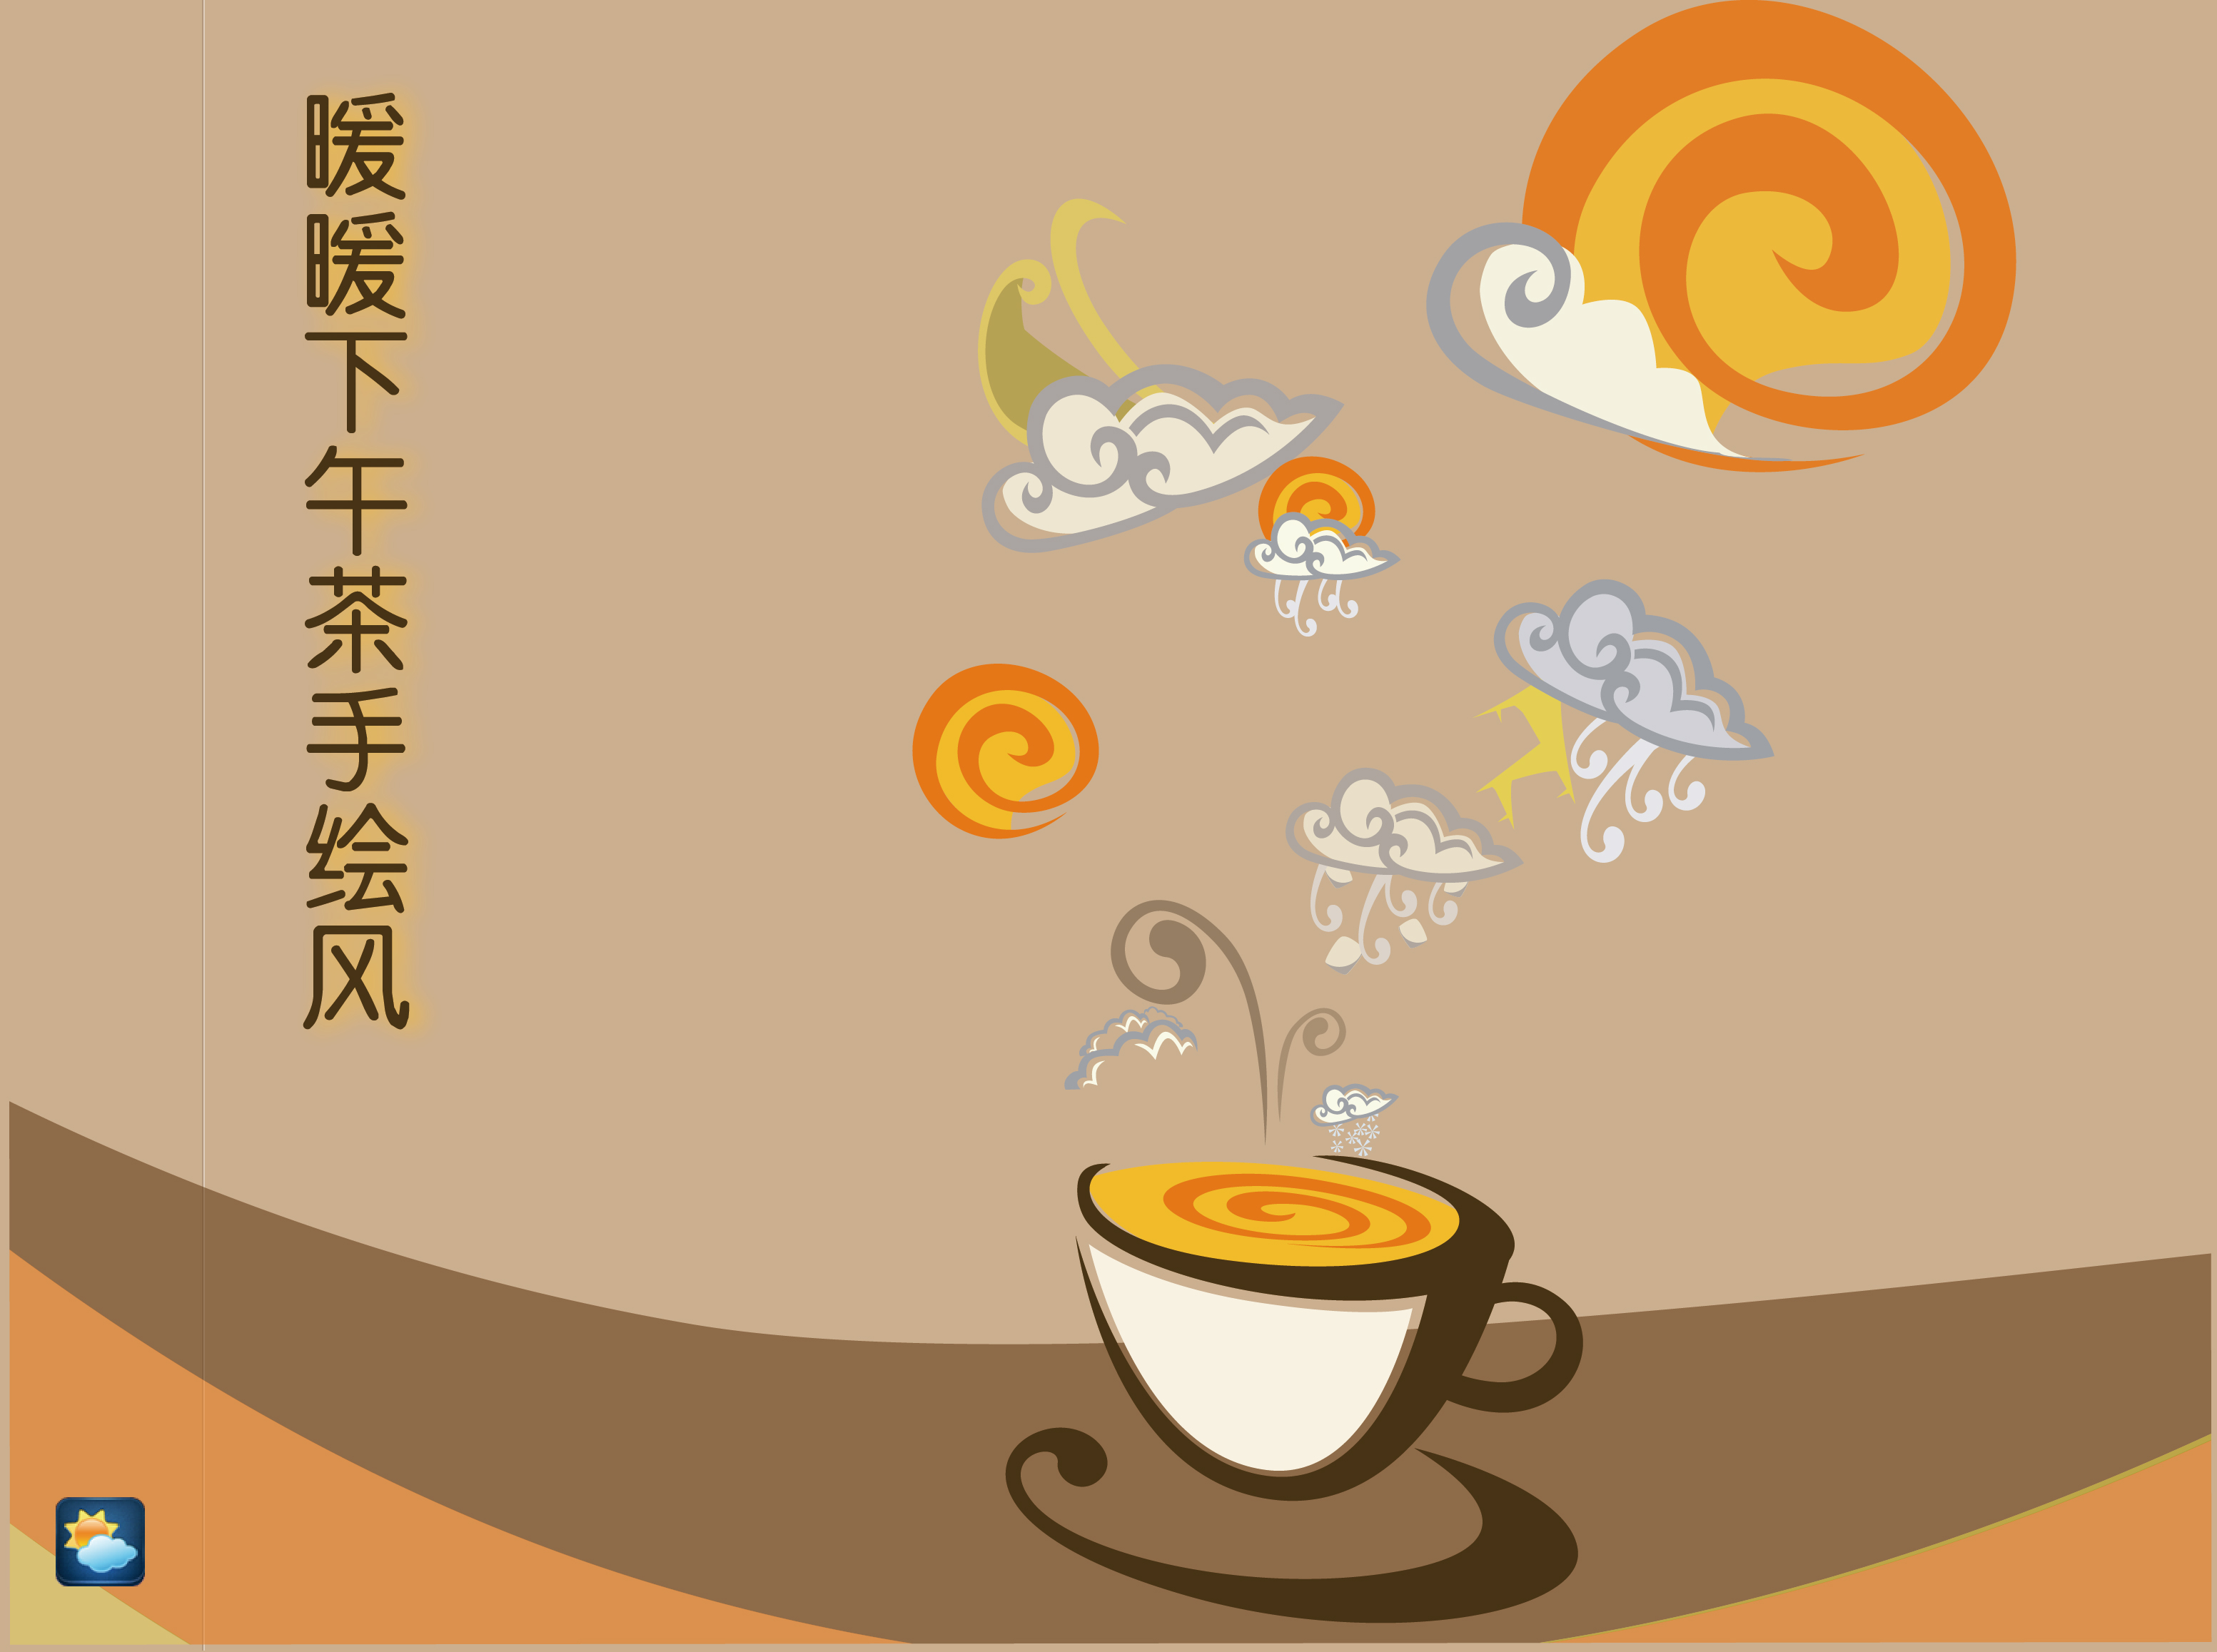 暖暖下午茶手绘风